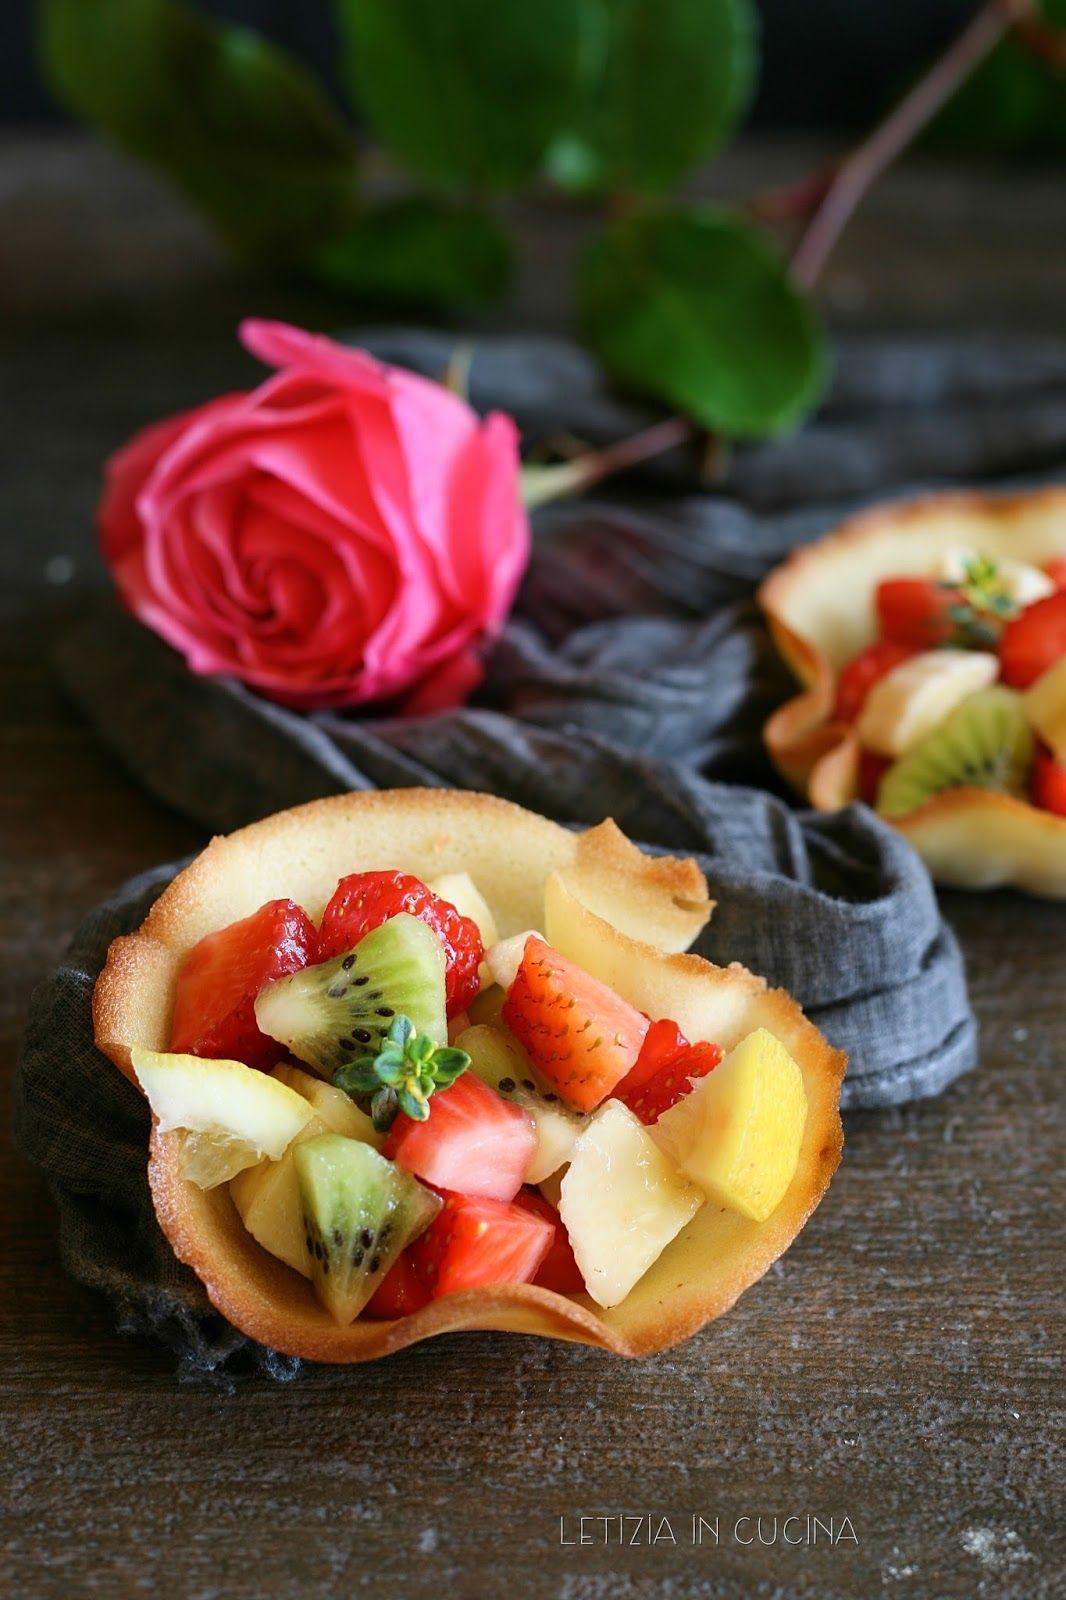 Letizia in Cucina: Cestini di cialda croccante con frutta fresca ...